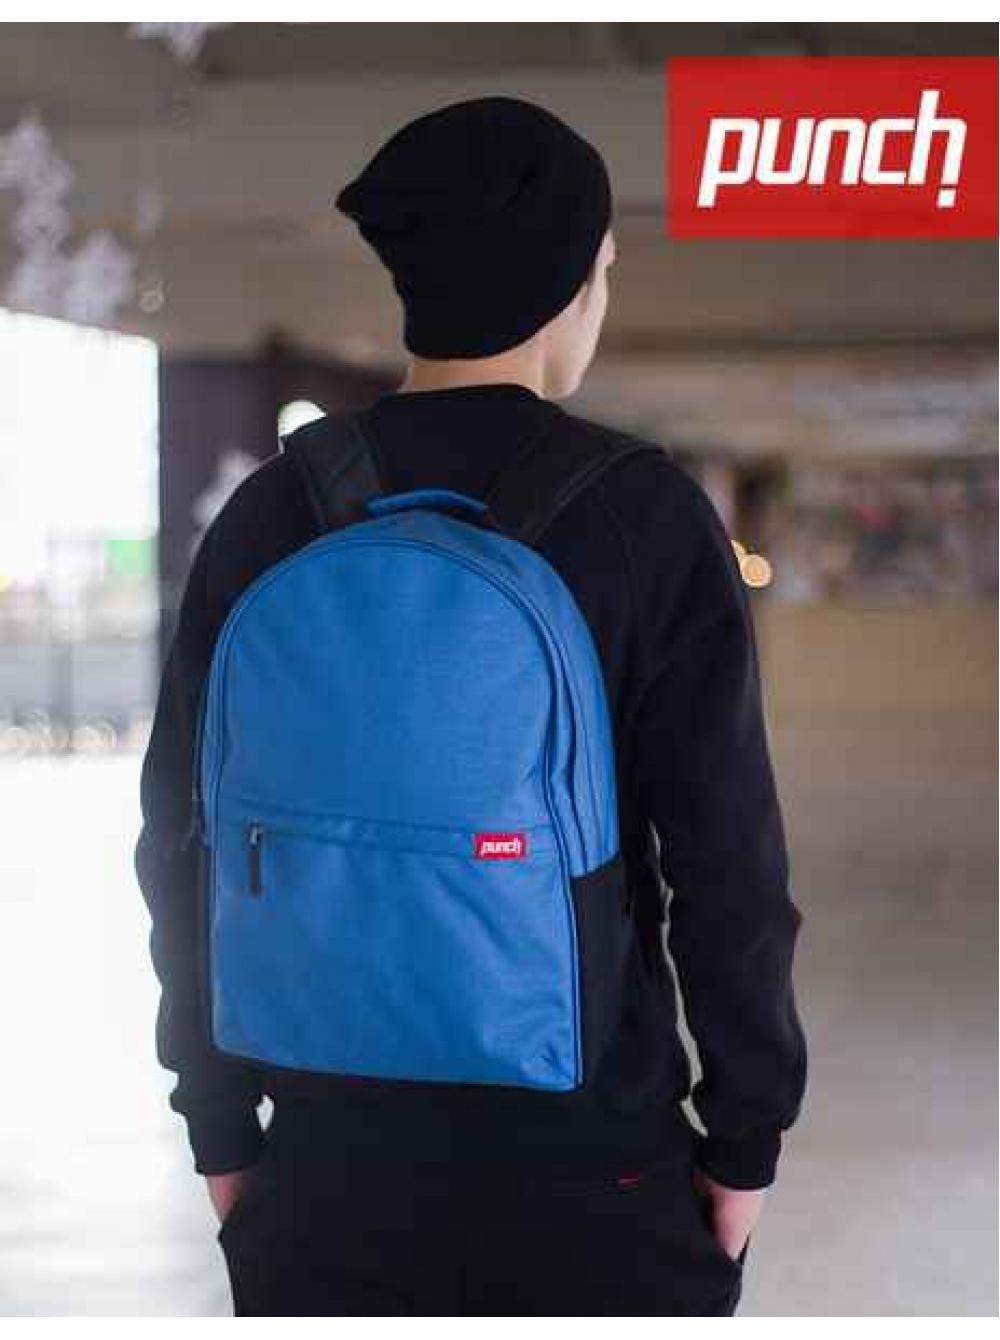 Рюкзак punch рюкзаки лего купить в спб